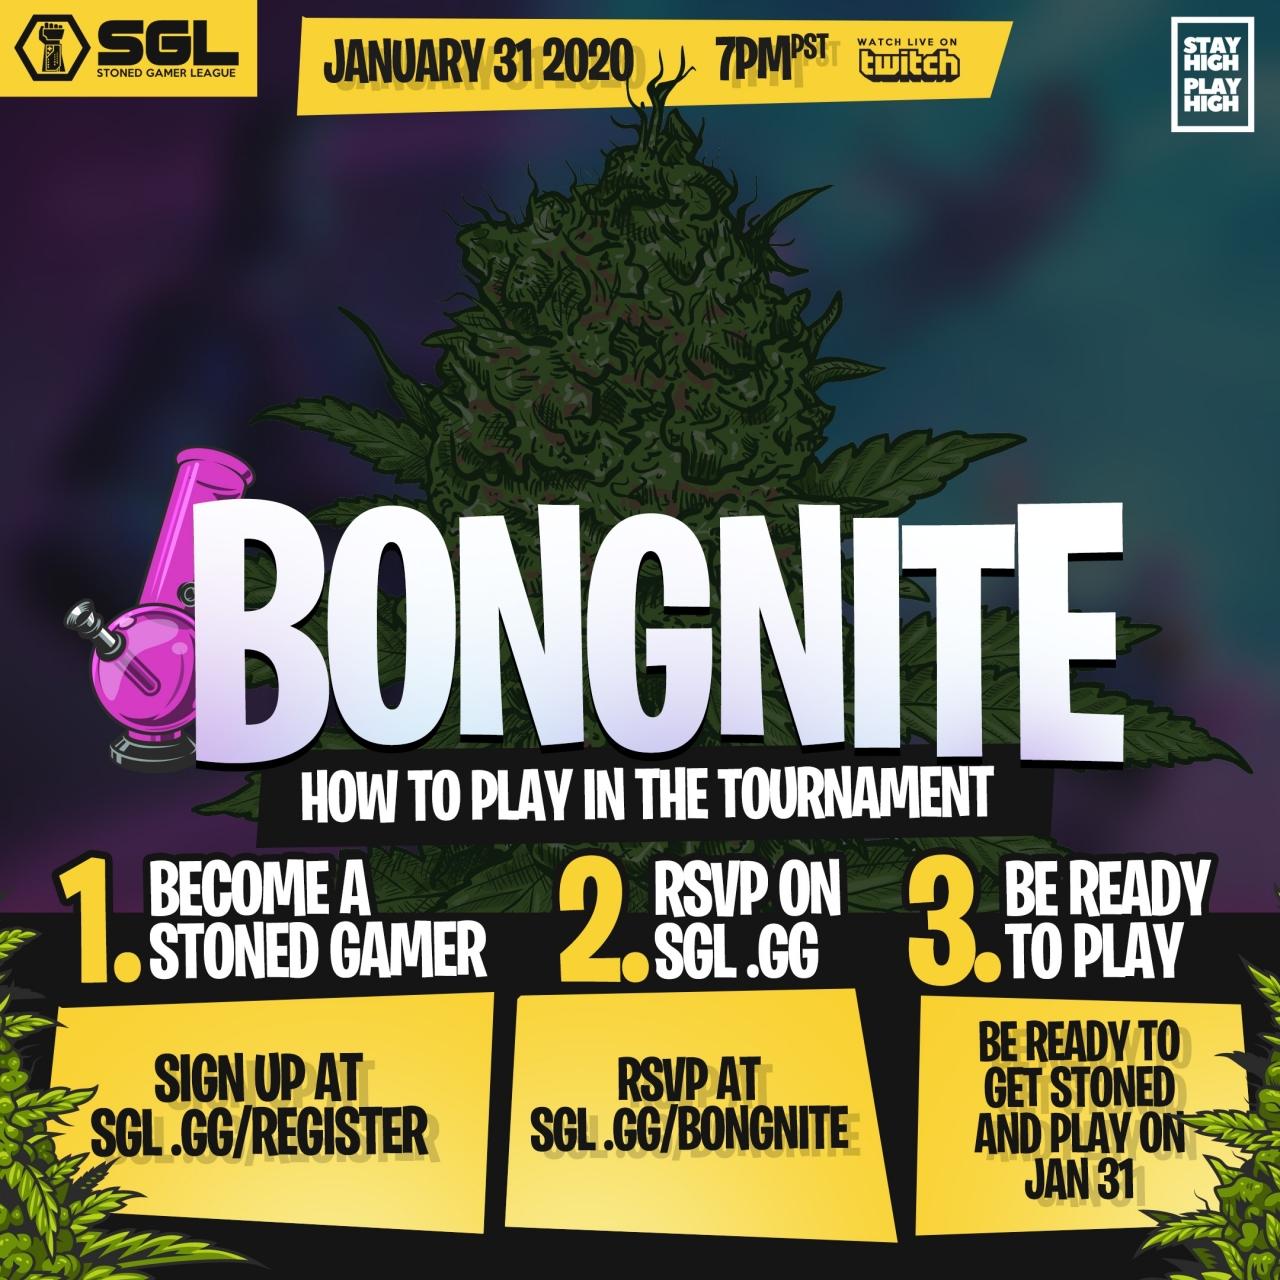 bongnite-sign-up